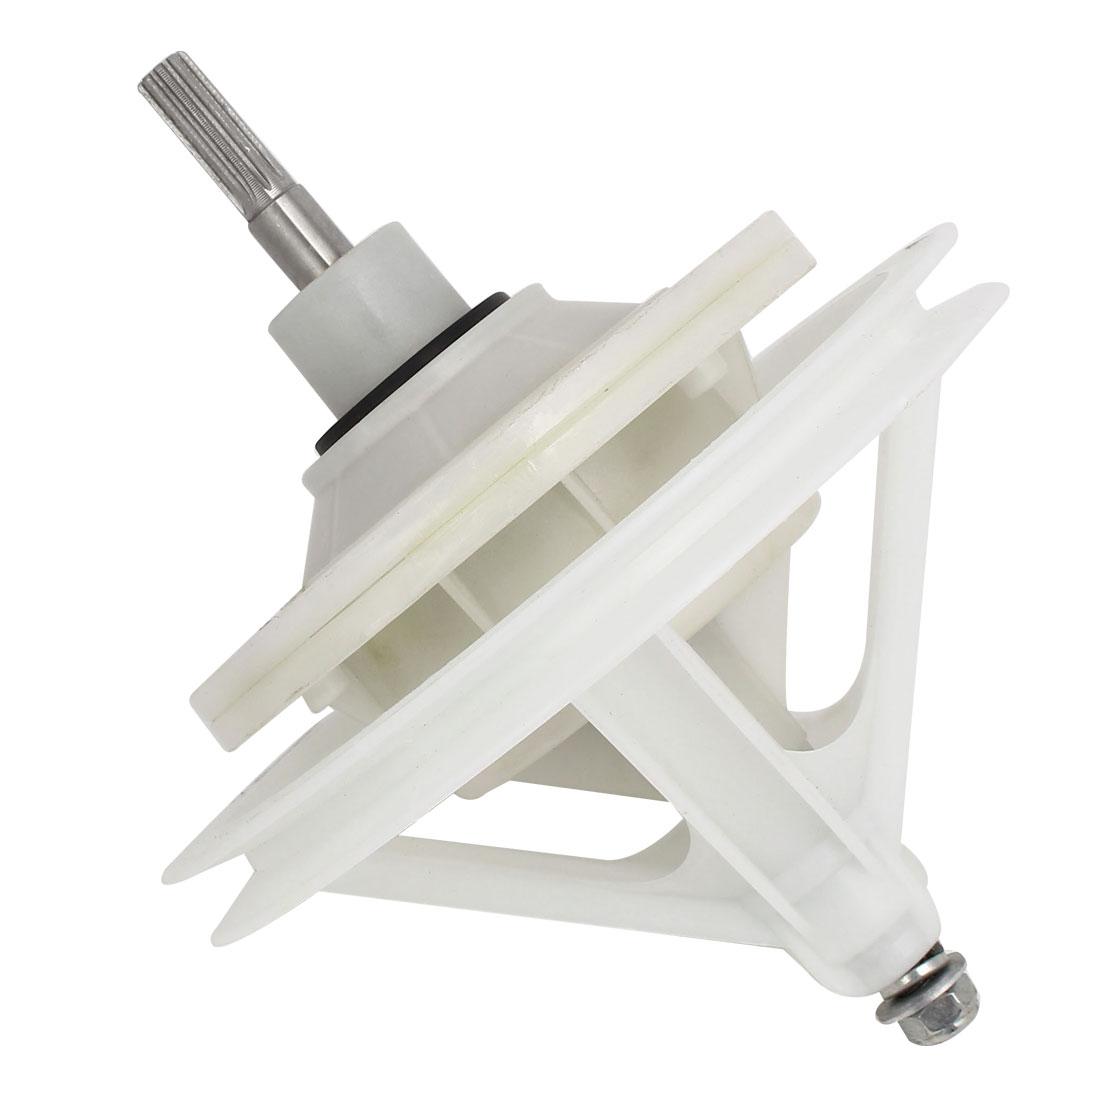 45mm Shaft Washing Machine Transmission 10 Splines Shaft 4 Hole Base 170mmx210mm